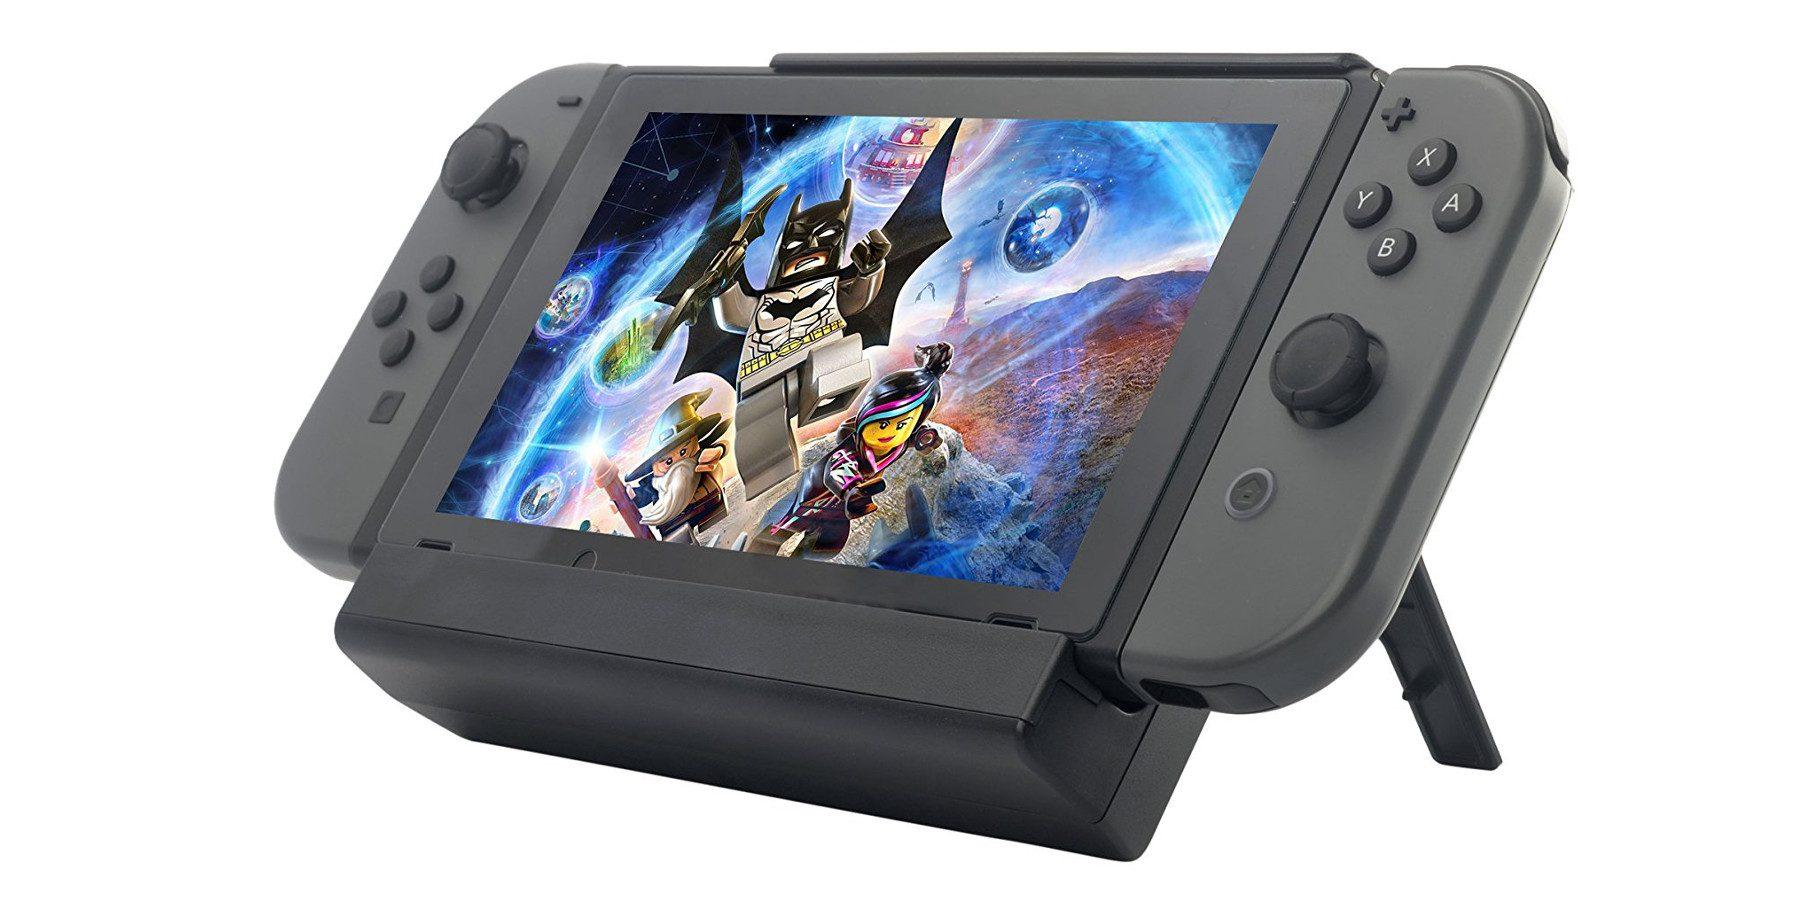 ZeroLemon Battery Charge Case, diez horas extra de juego para la Switch